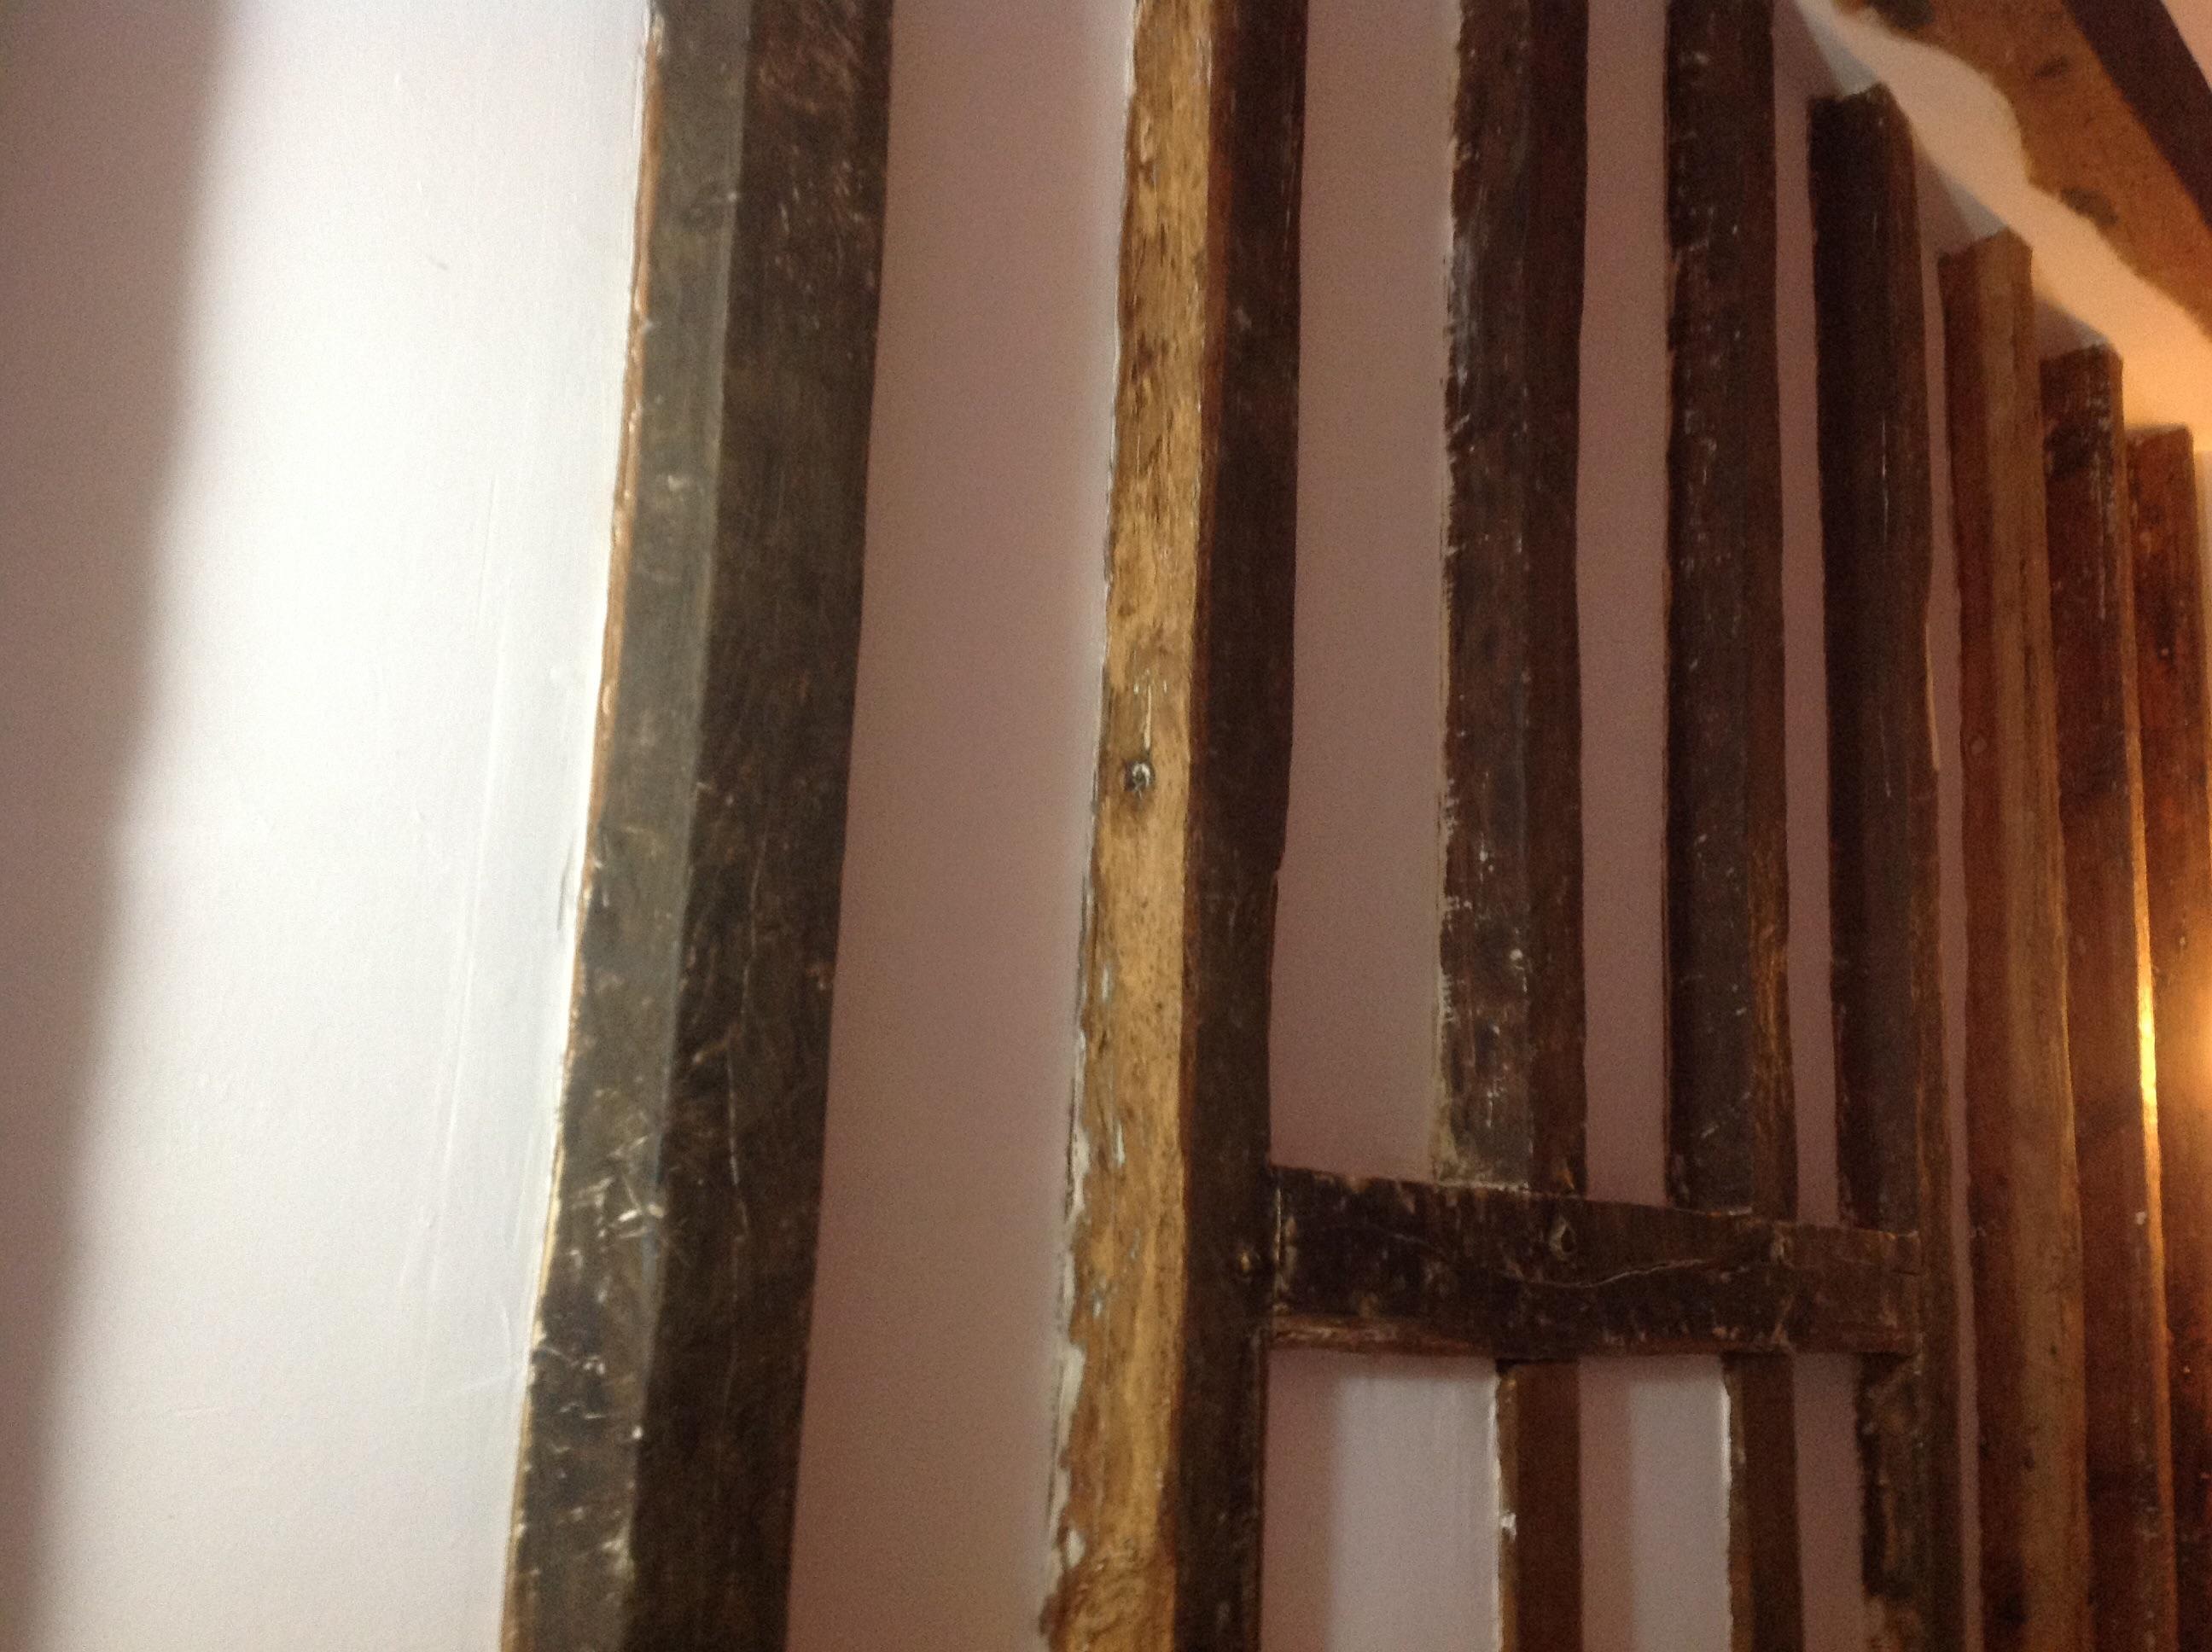 Cherche solution pour peindre des poutres enduite - Huile de lin leroy merlin ...